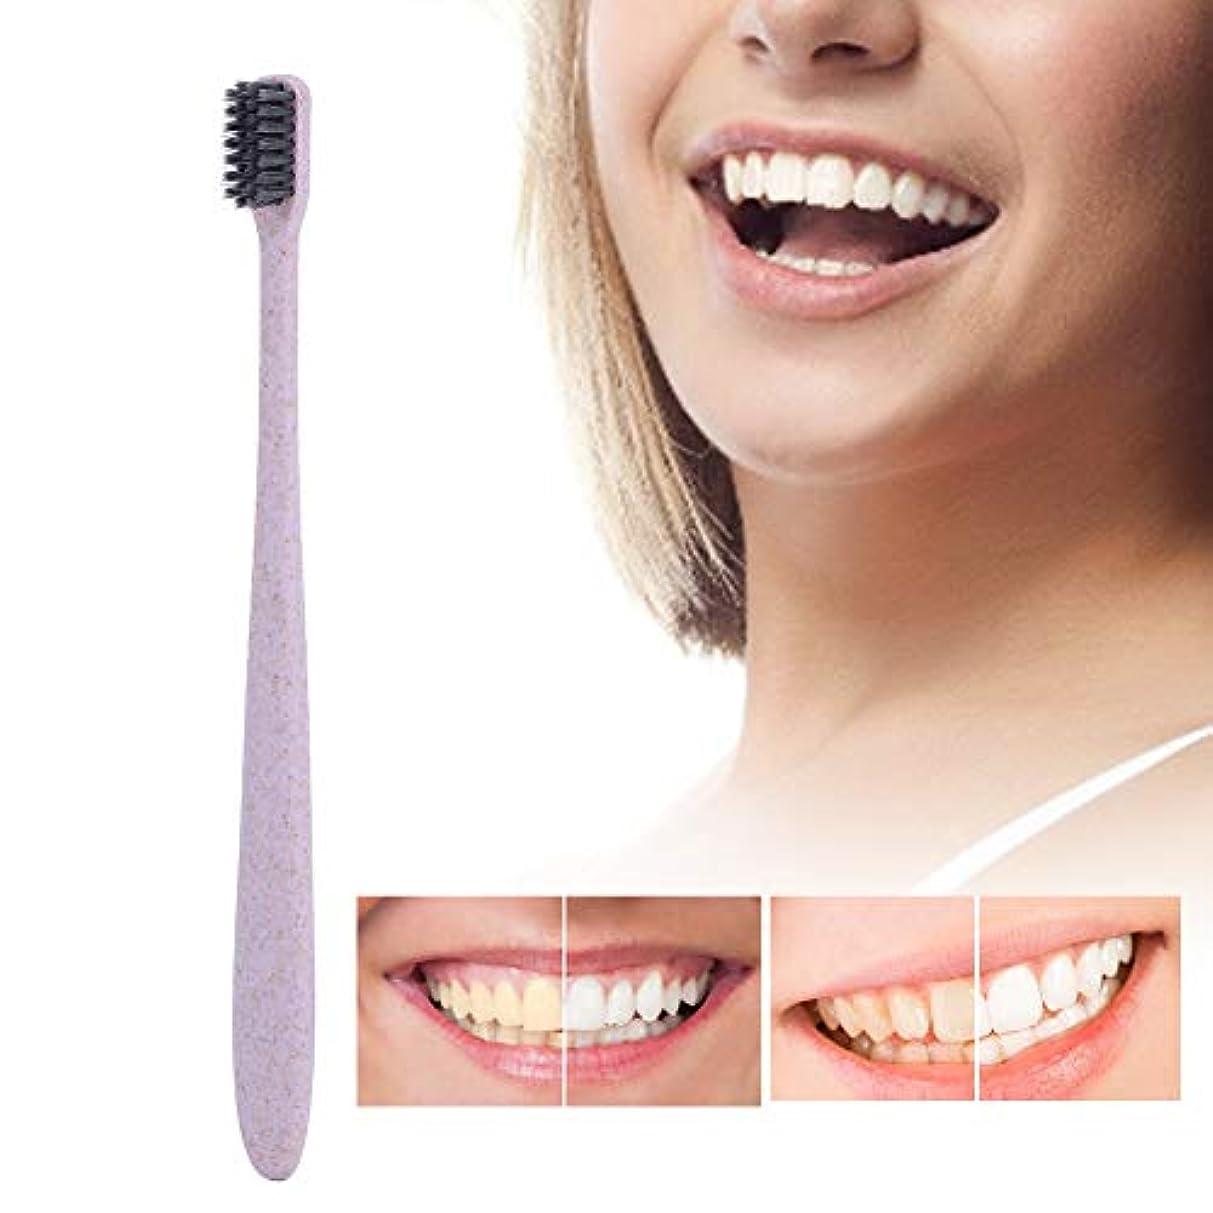 気味の悪い発掘置き場10ピース歯ブラシ、柔らかい竹炭ブラシ髪小麦ハンドル歯ブラシ大人の口腔ケア歯ブラシ